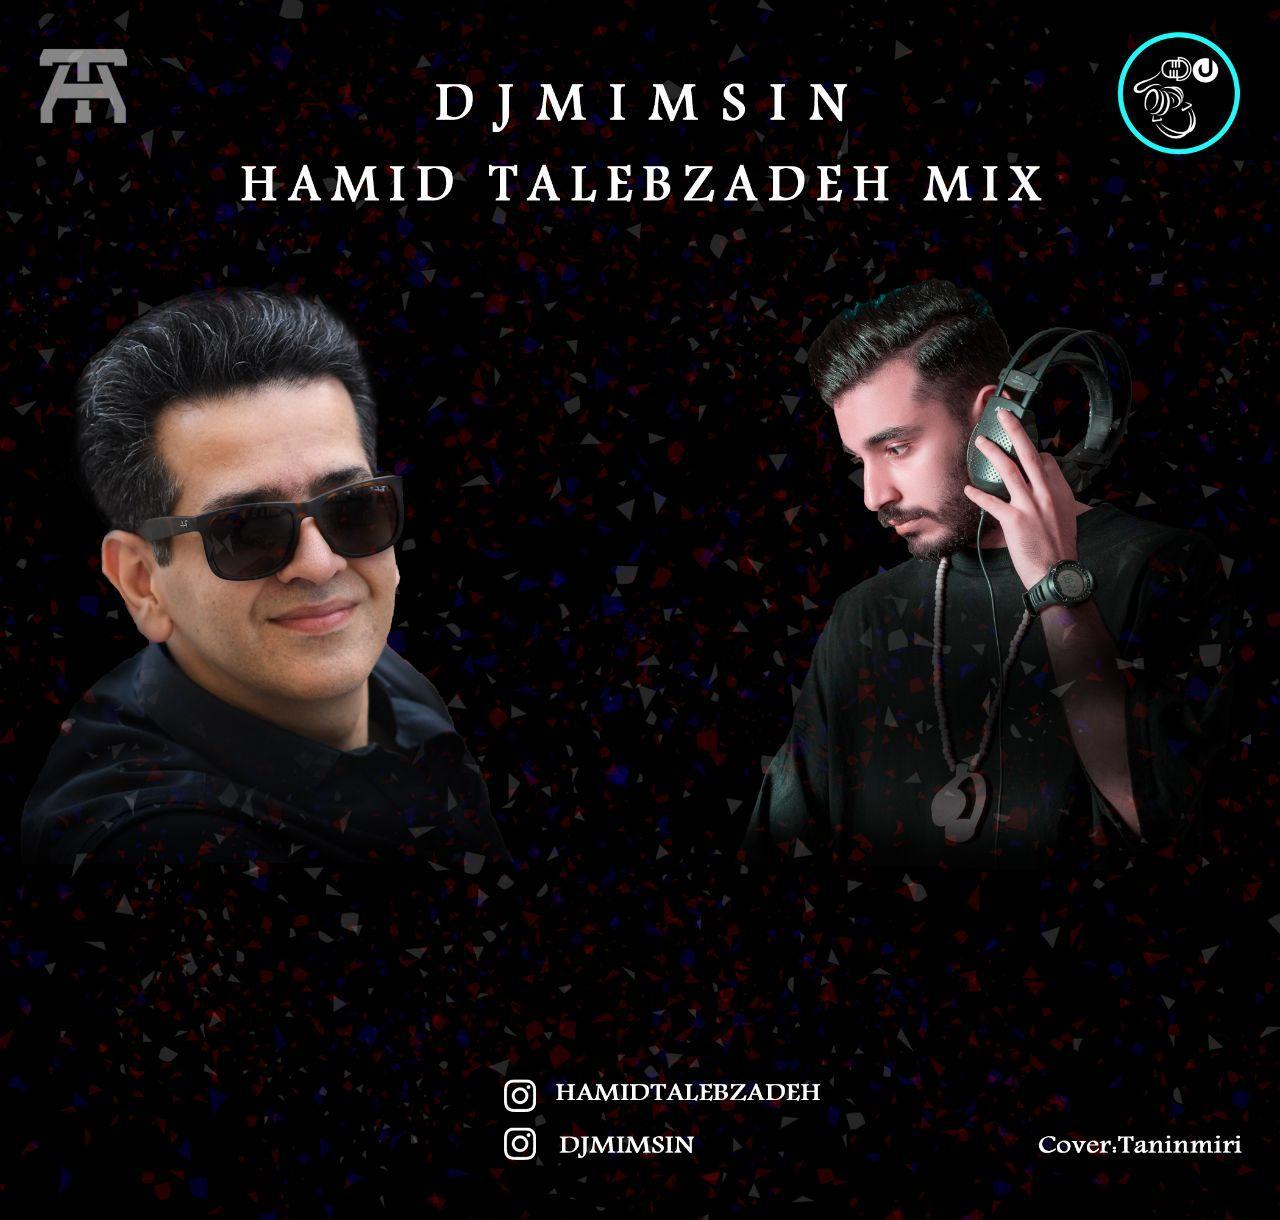 Dj Mimsin – Hamid Talebzadeh Remix